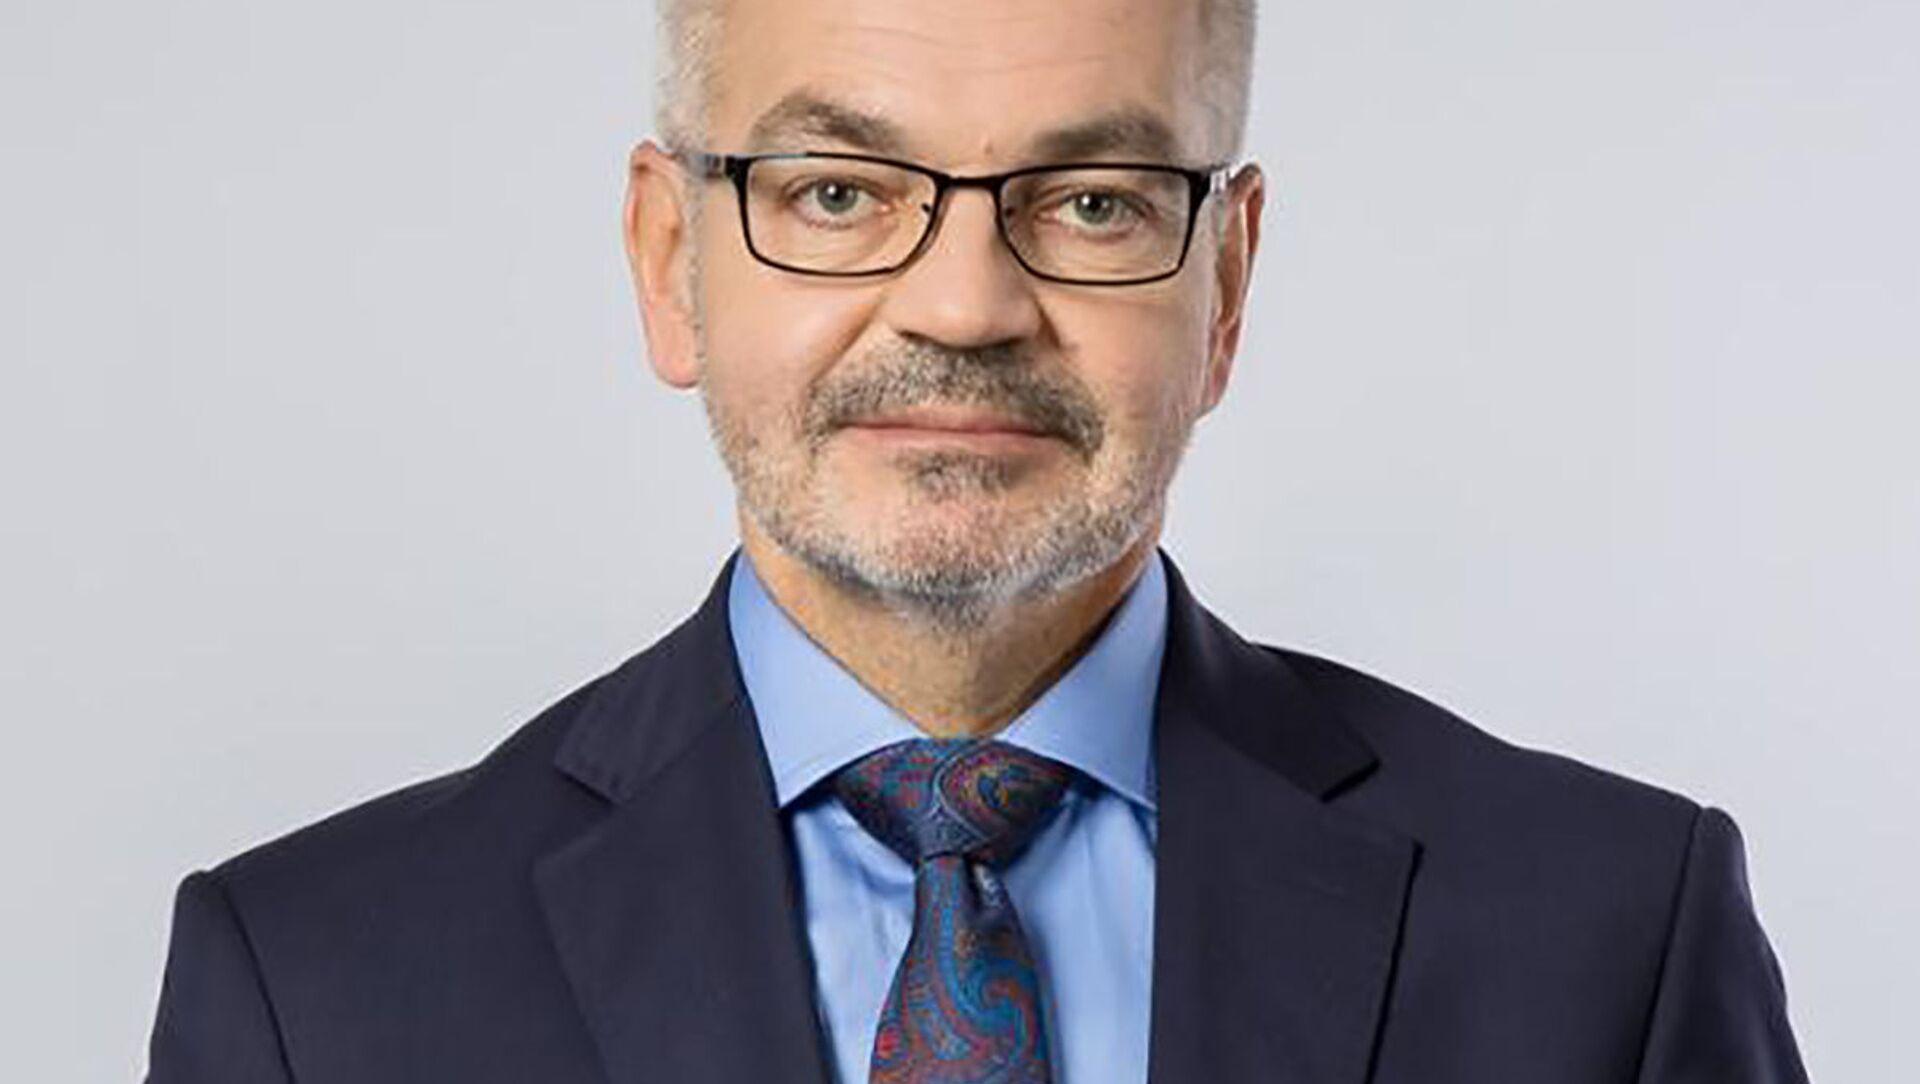 Ambasador Krzysztof Krajewski mówi, że rosyjski język jest słyszalny na polskich ulicach - Sputnik Polska, 1920, 05.04.2021